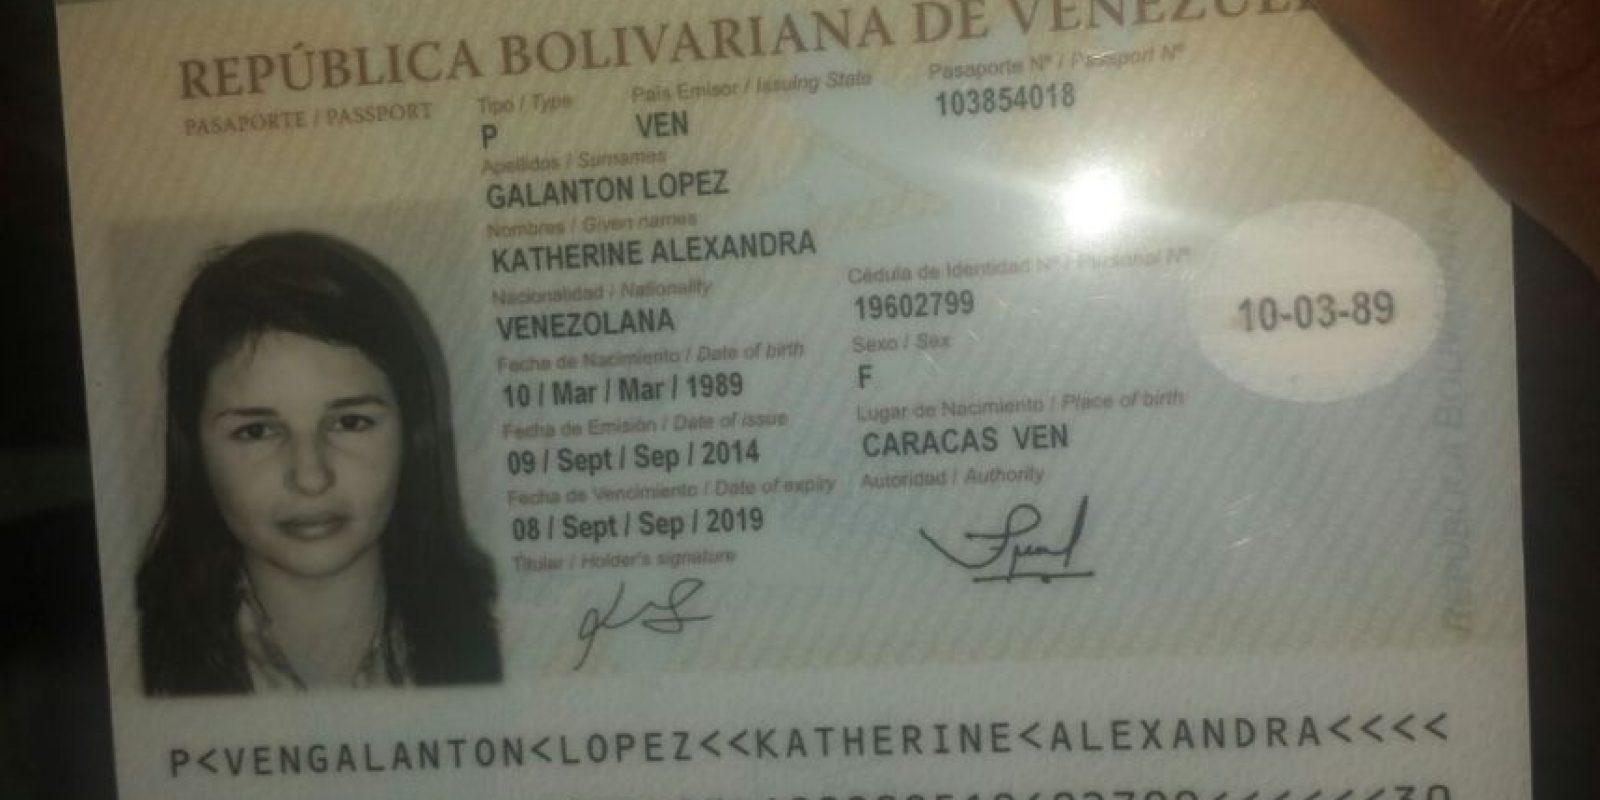 La joven tiene identidad venezolana Foto:Fuente Externa